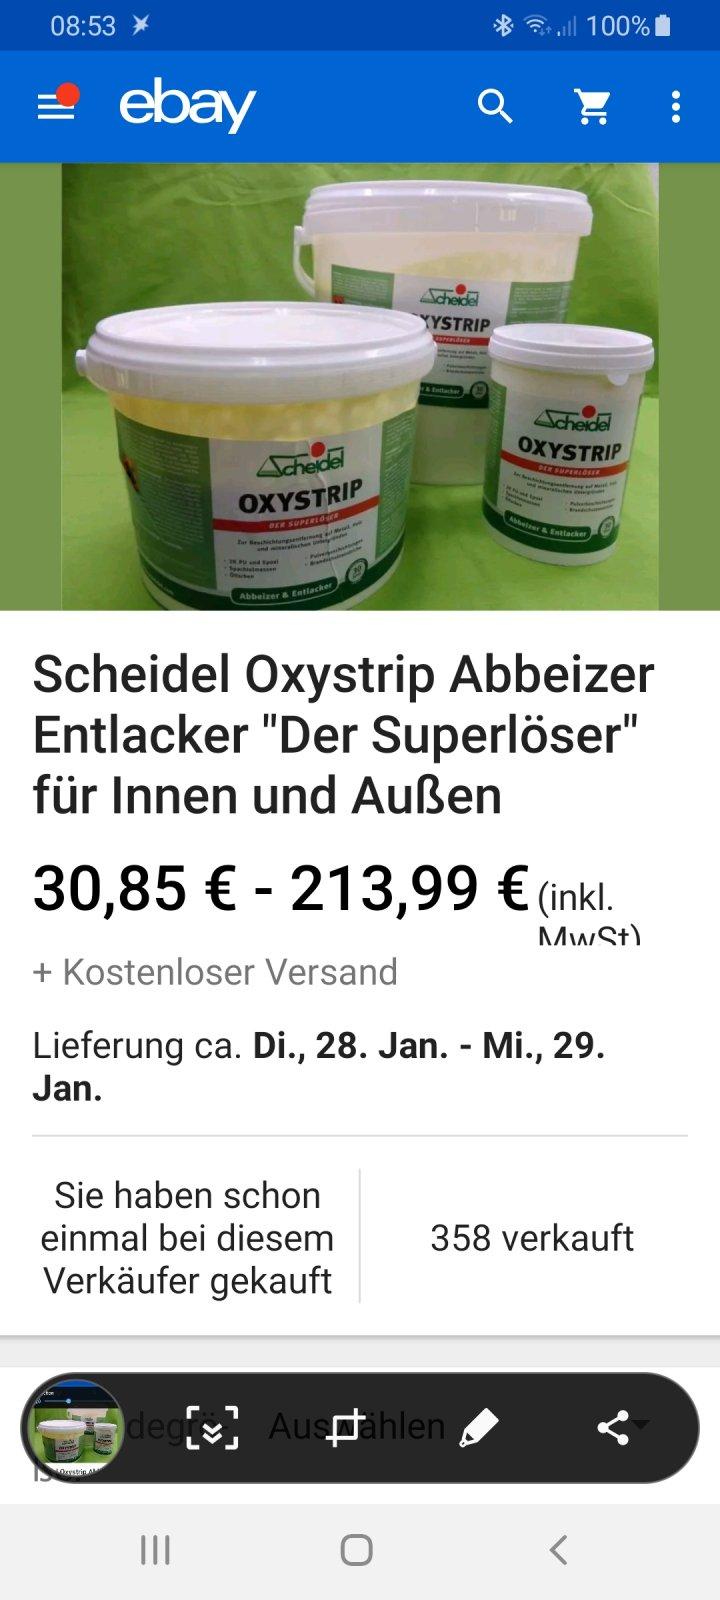 Screenshot_20200126-085353_eBay.jpg